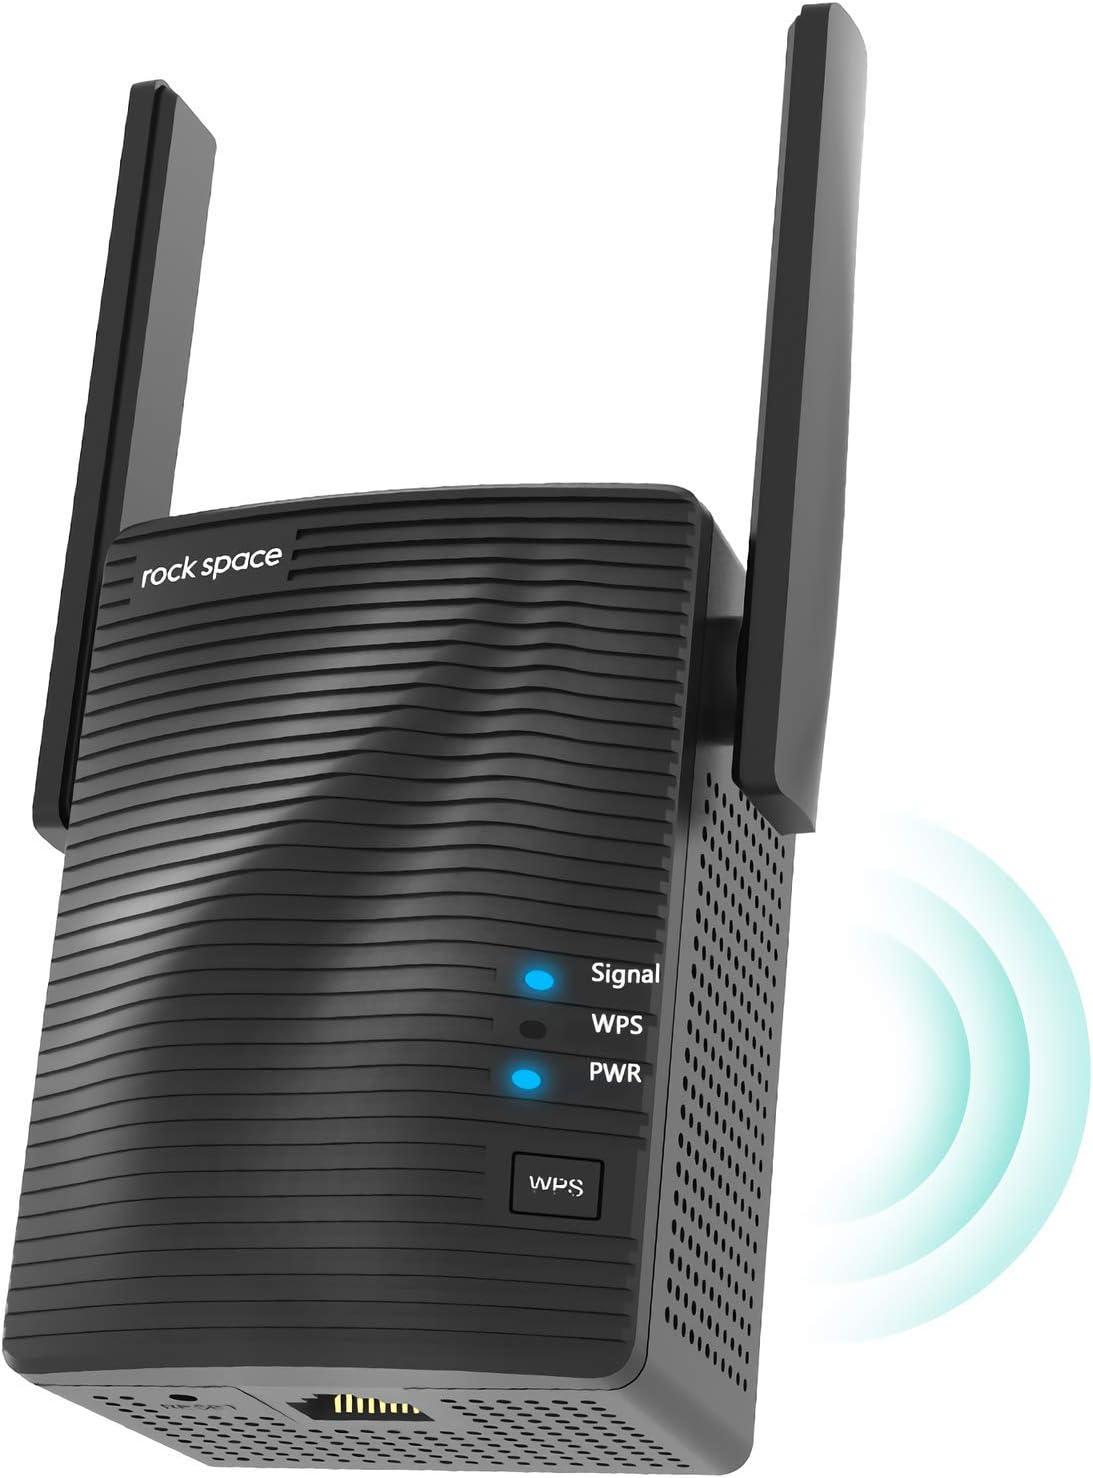 Amplificador Señal WiFi - Amplificador WiFi 5G & 2.4G, Repetidor WiFi Potente AC1200 con Puerto Gigabit,Extensor de WiFi con AP Modo,Instalación Simple con WPS, Repetidor WiFi Largo Alcance Hasta